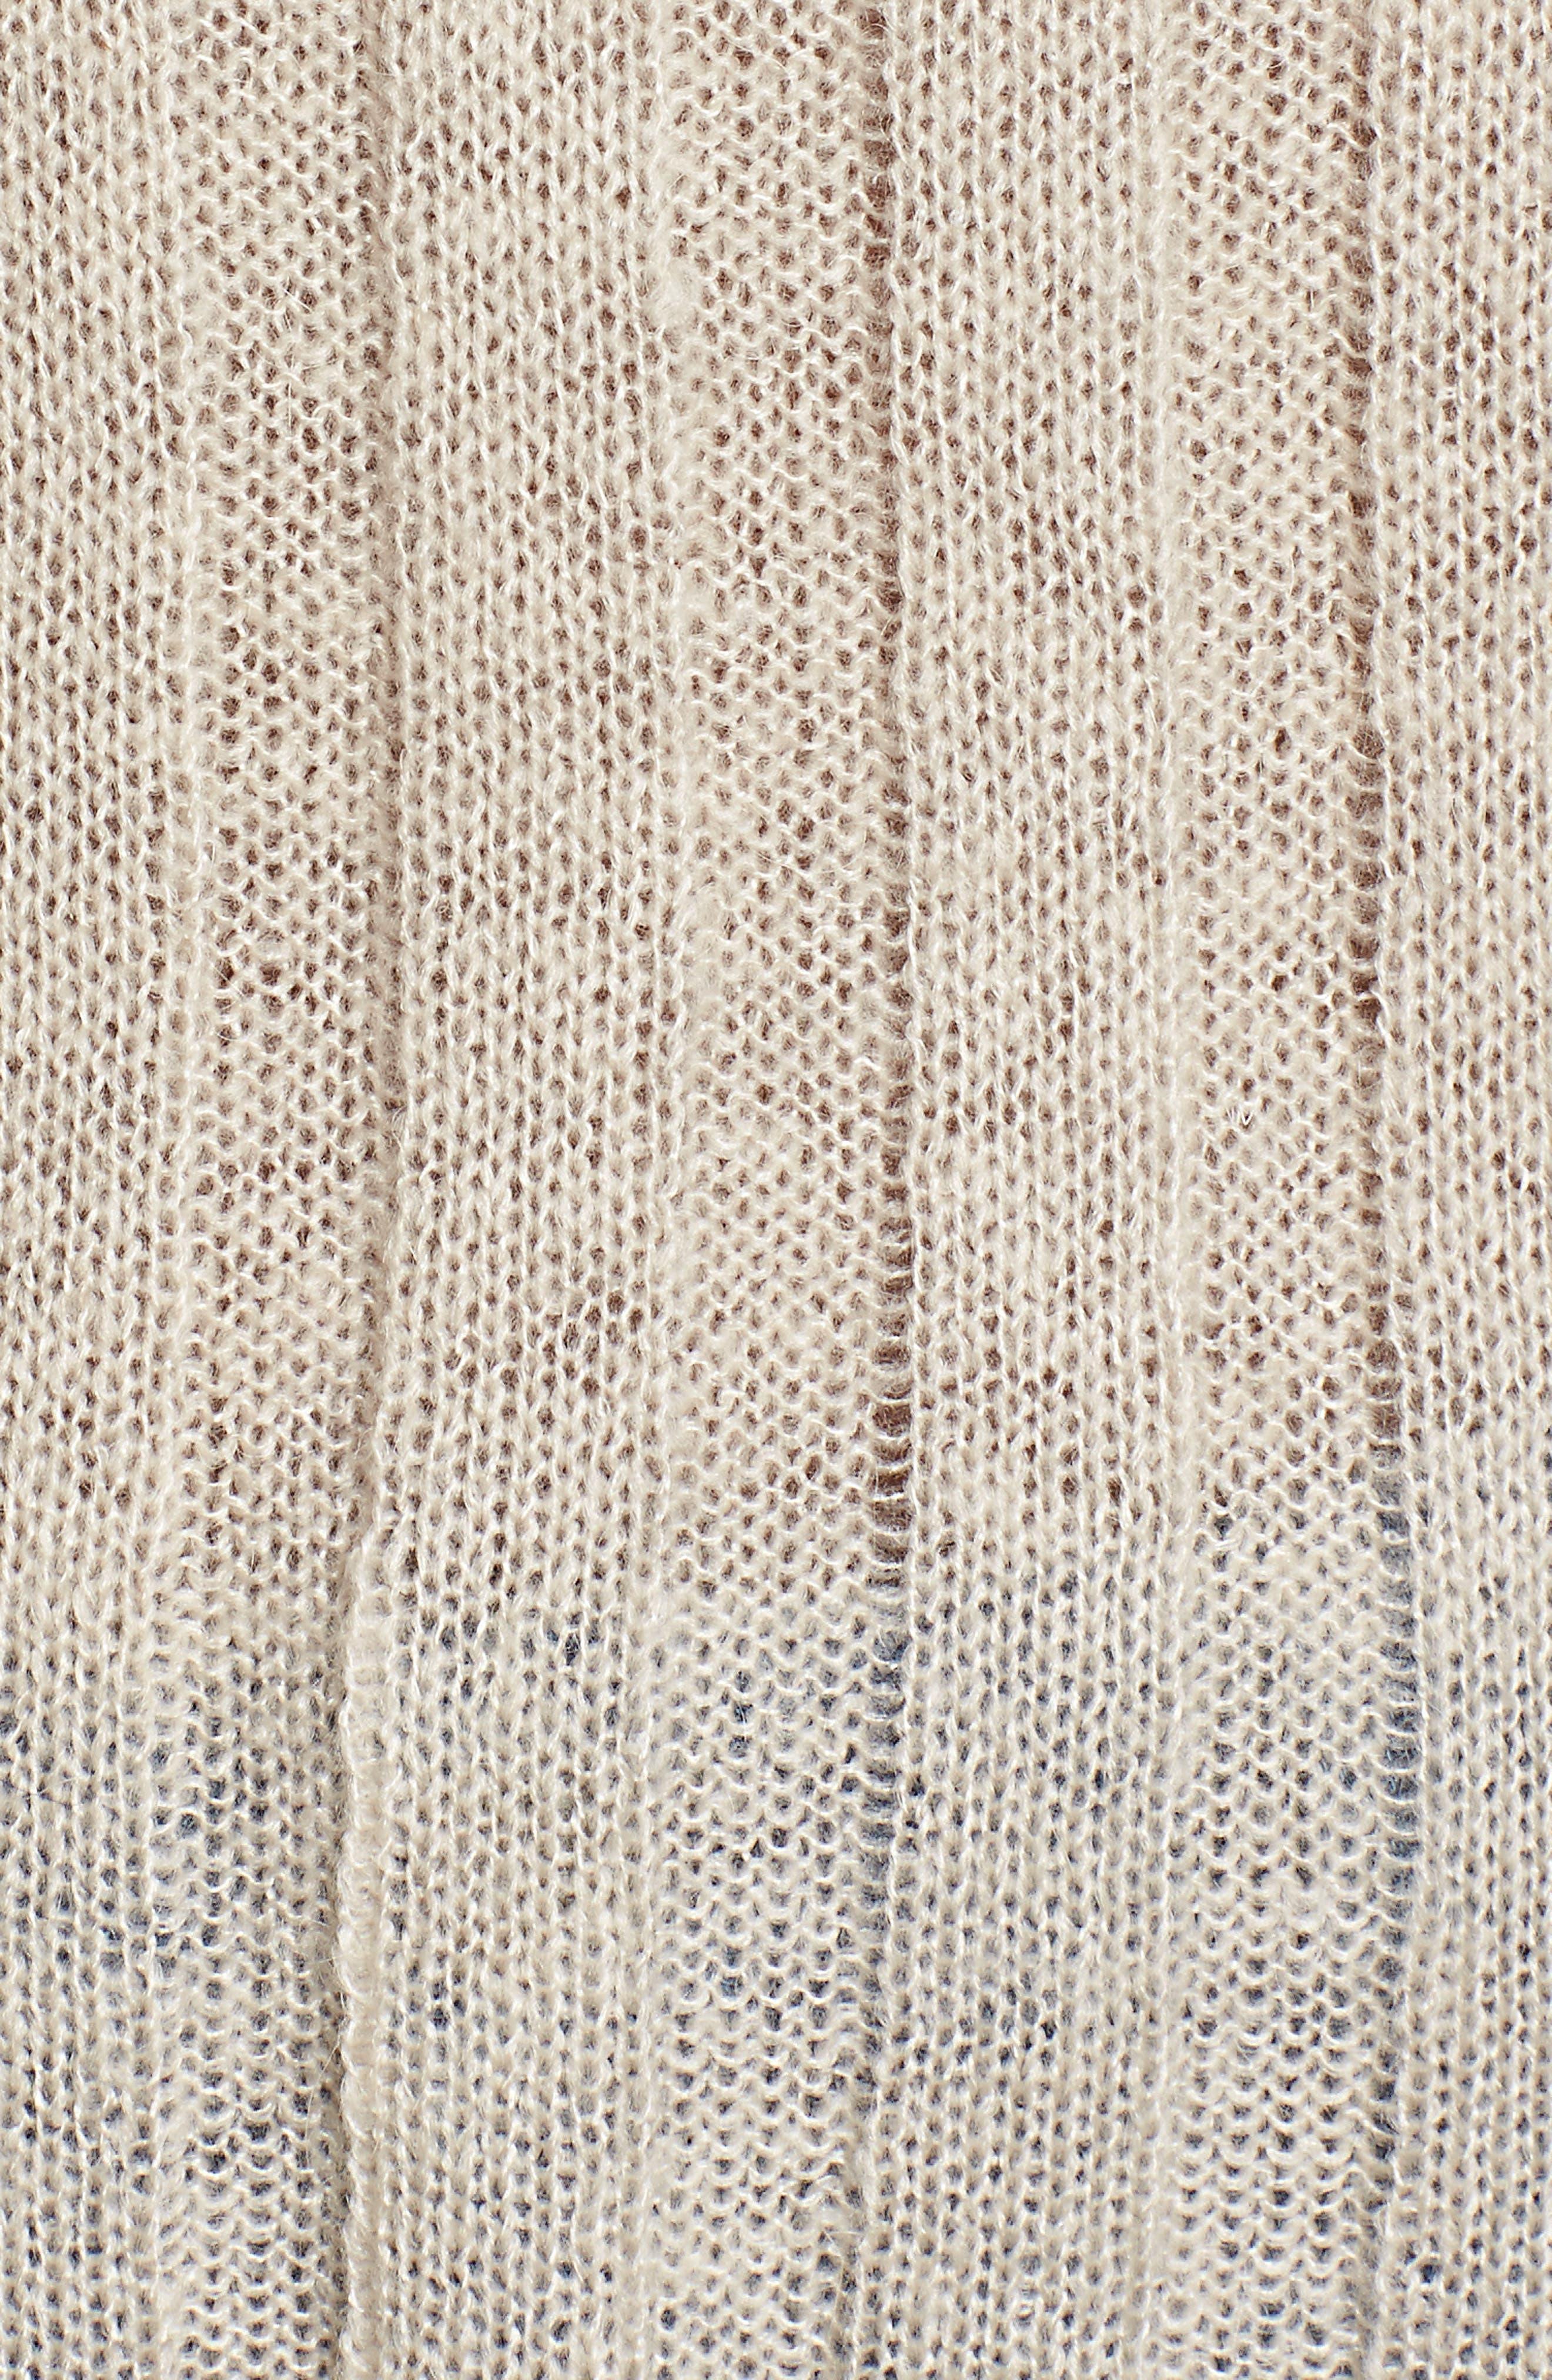 Rib Knit Sweater,                             Alternate thumbnail 5, color,                             900